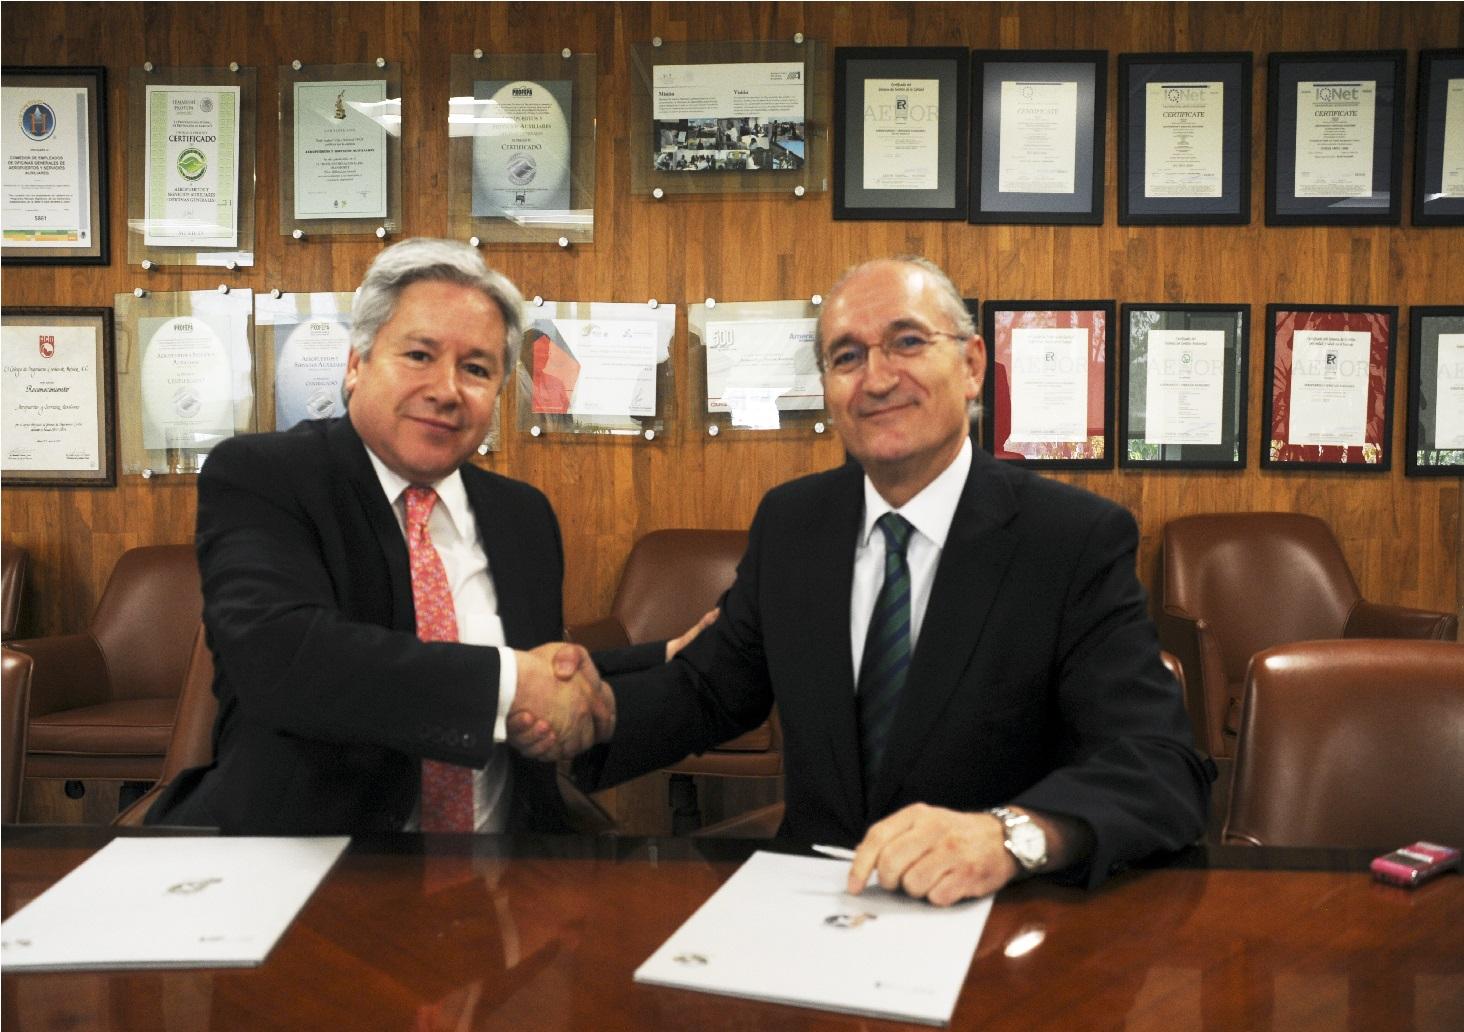 Renuevan ASA y SENASA convenio sobre transporte aéreo, seguridad y sostenibilidad